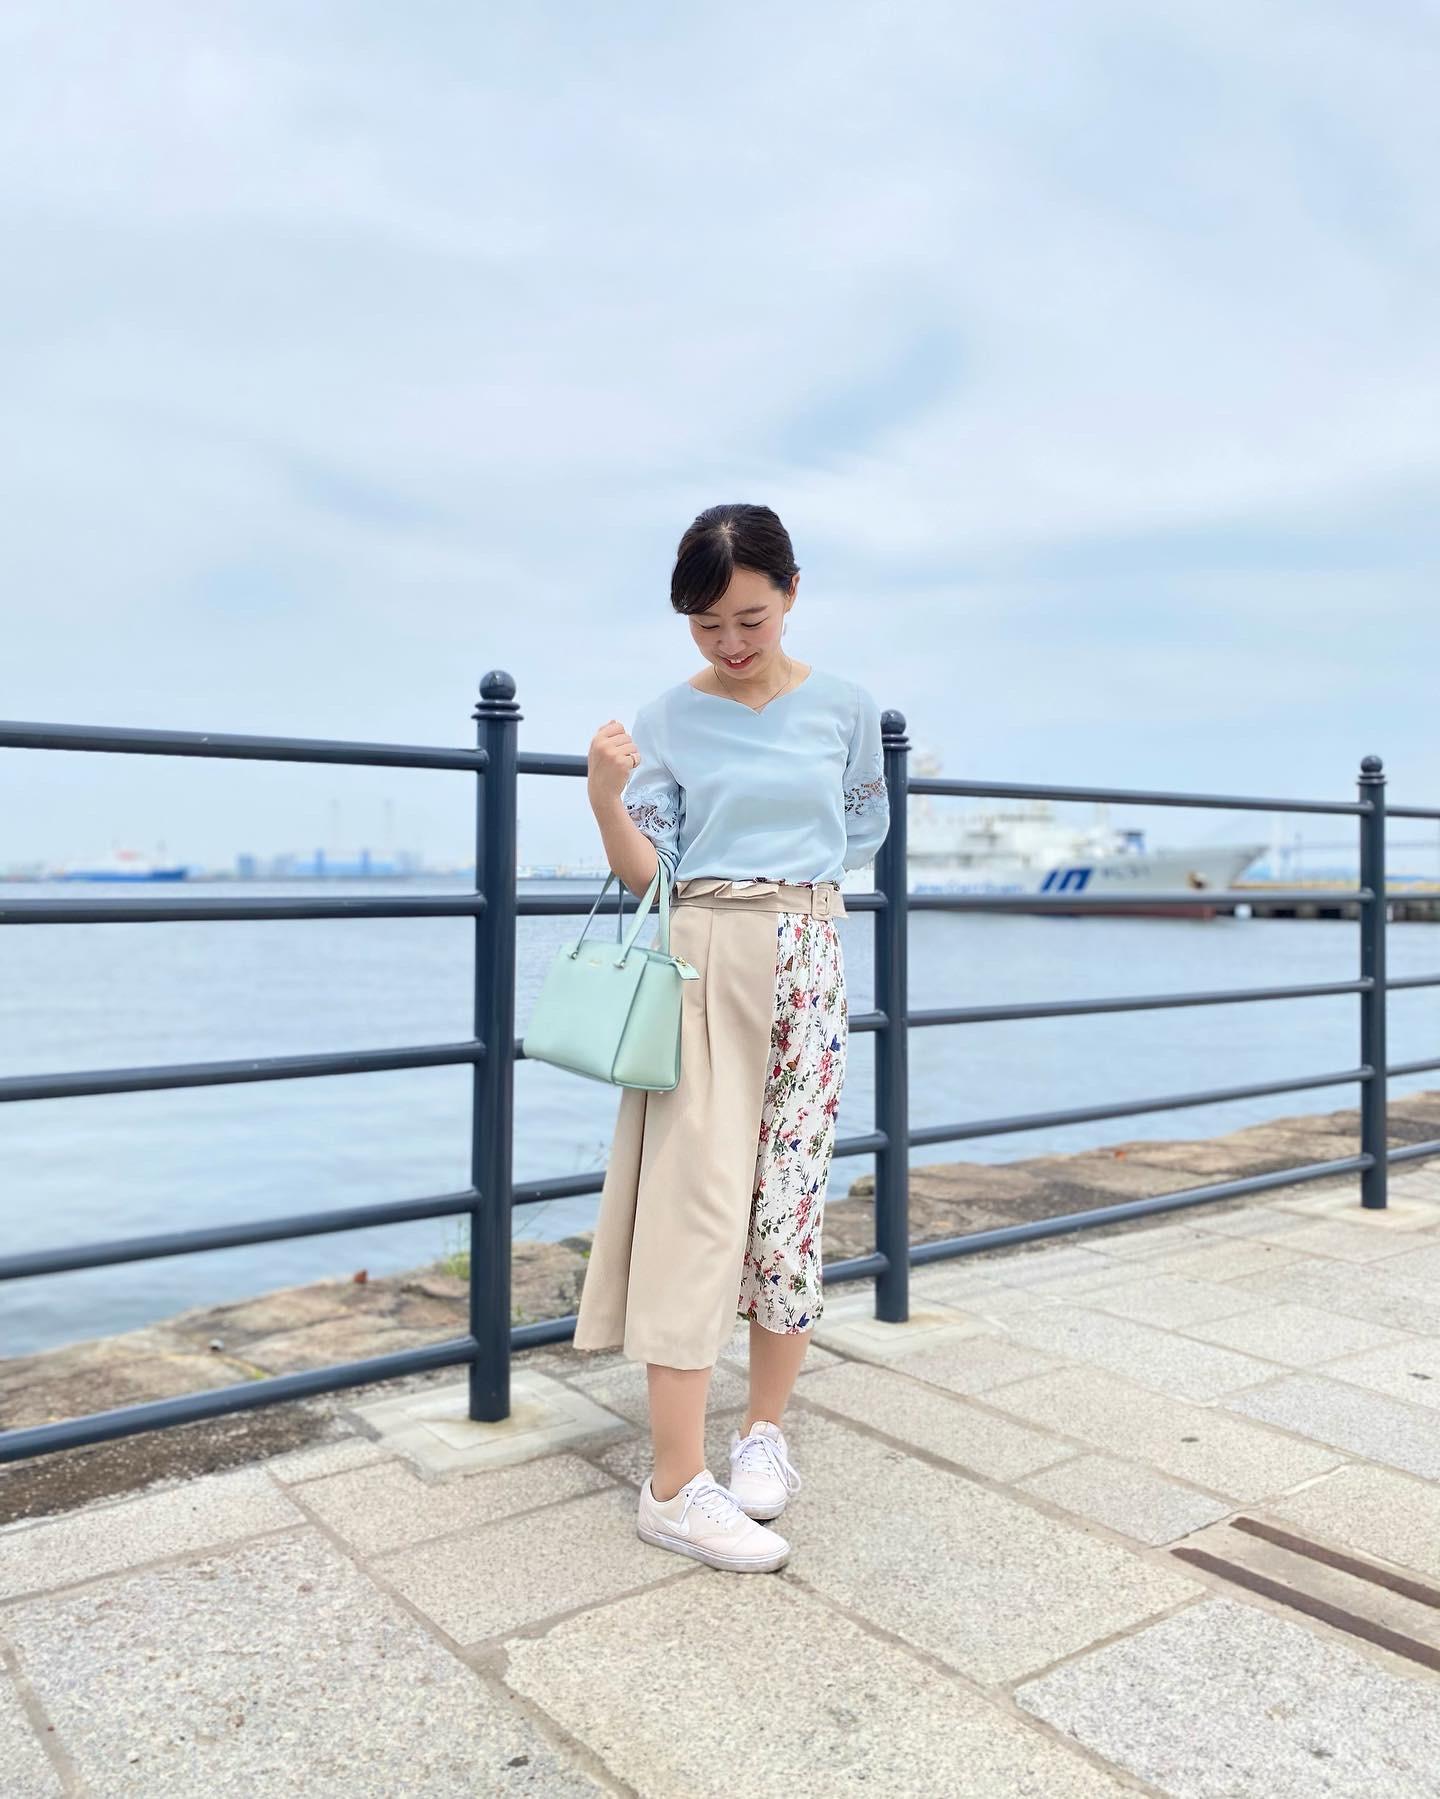 女子アナがよく着用しているTONALでお散歩コーデ_4